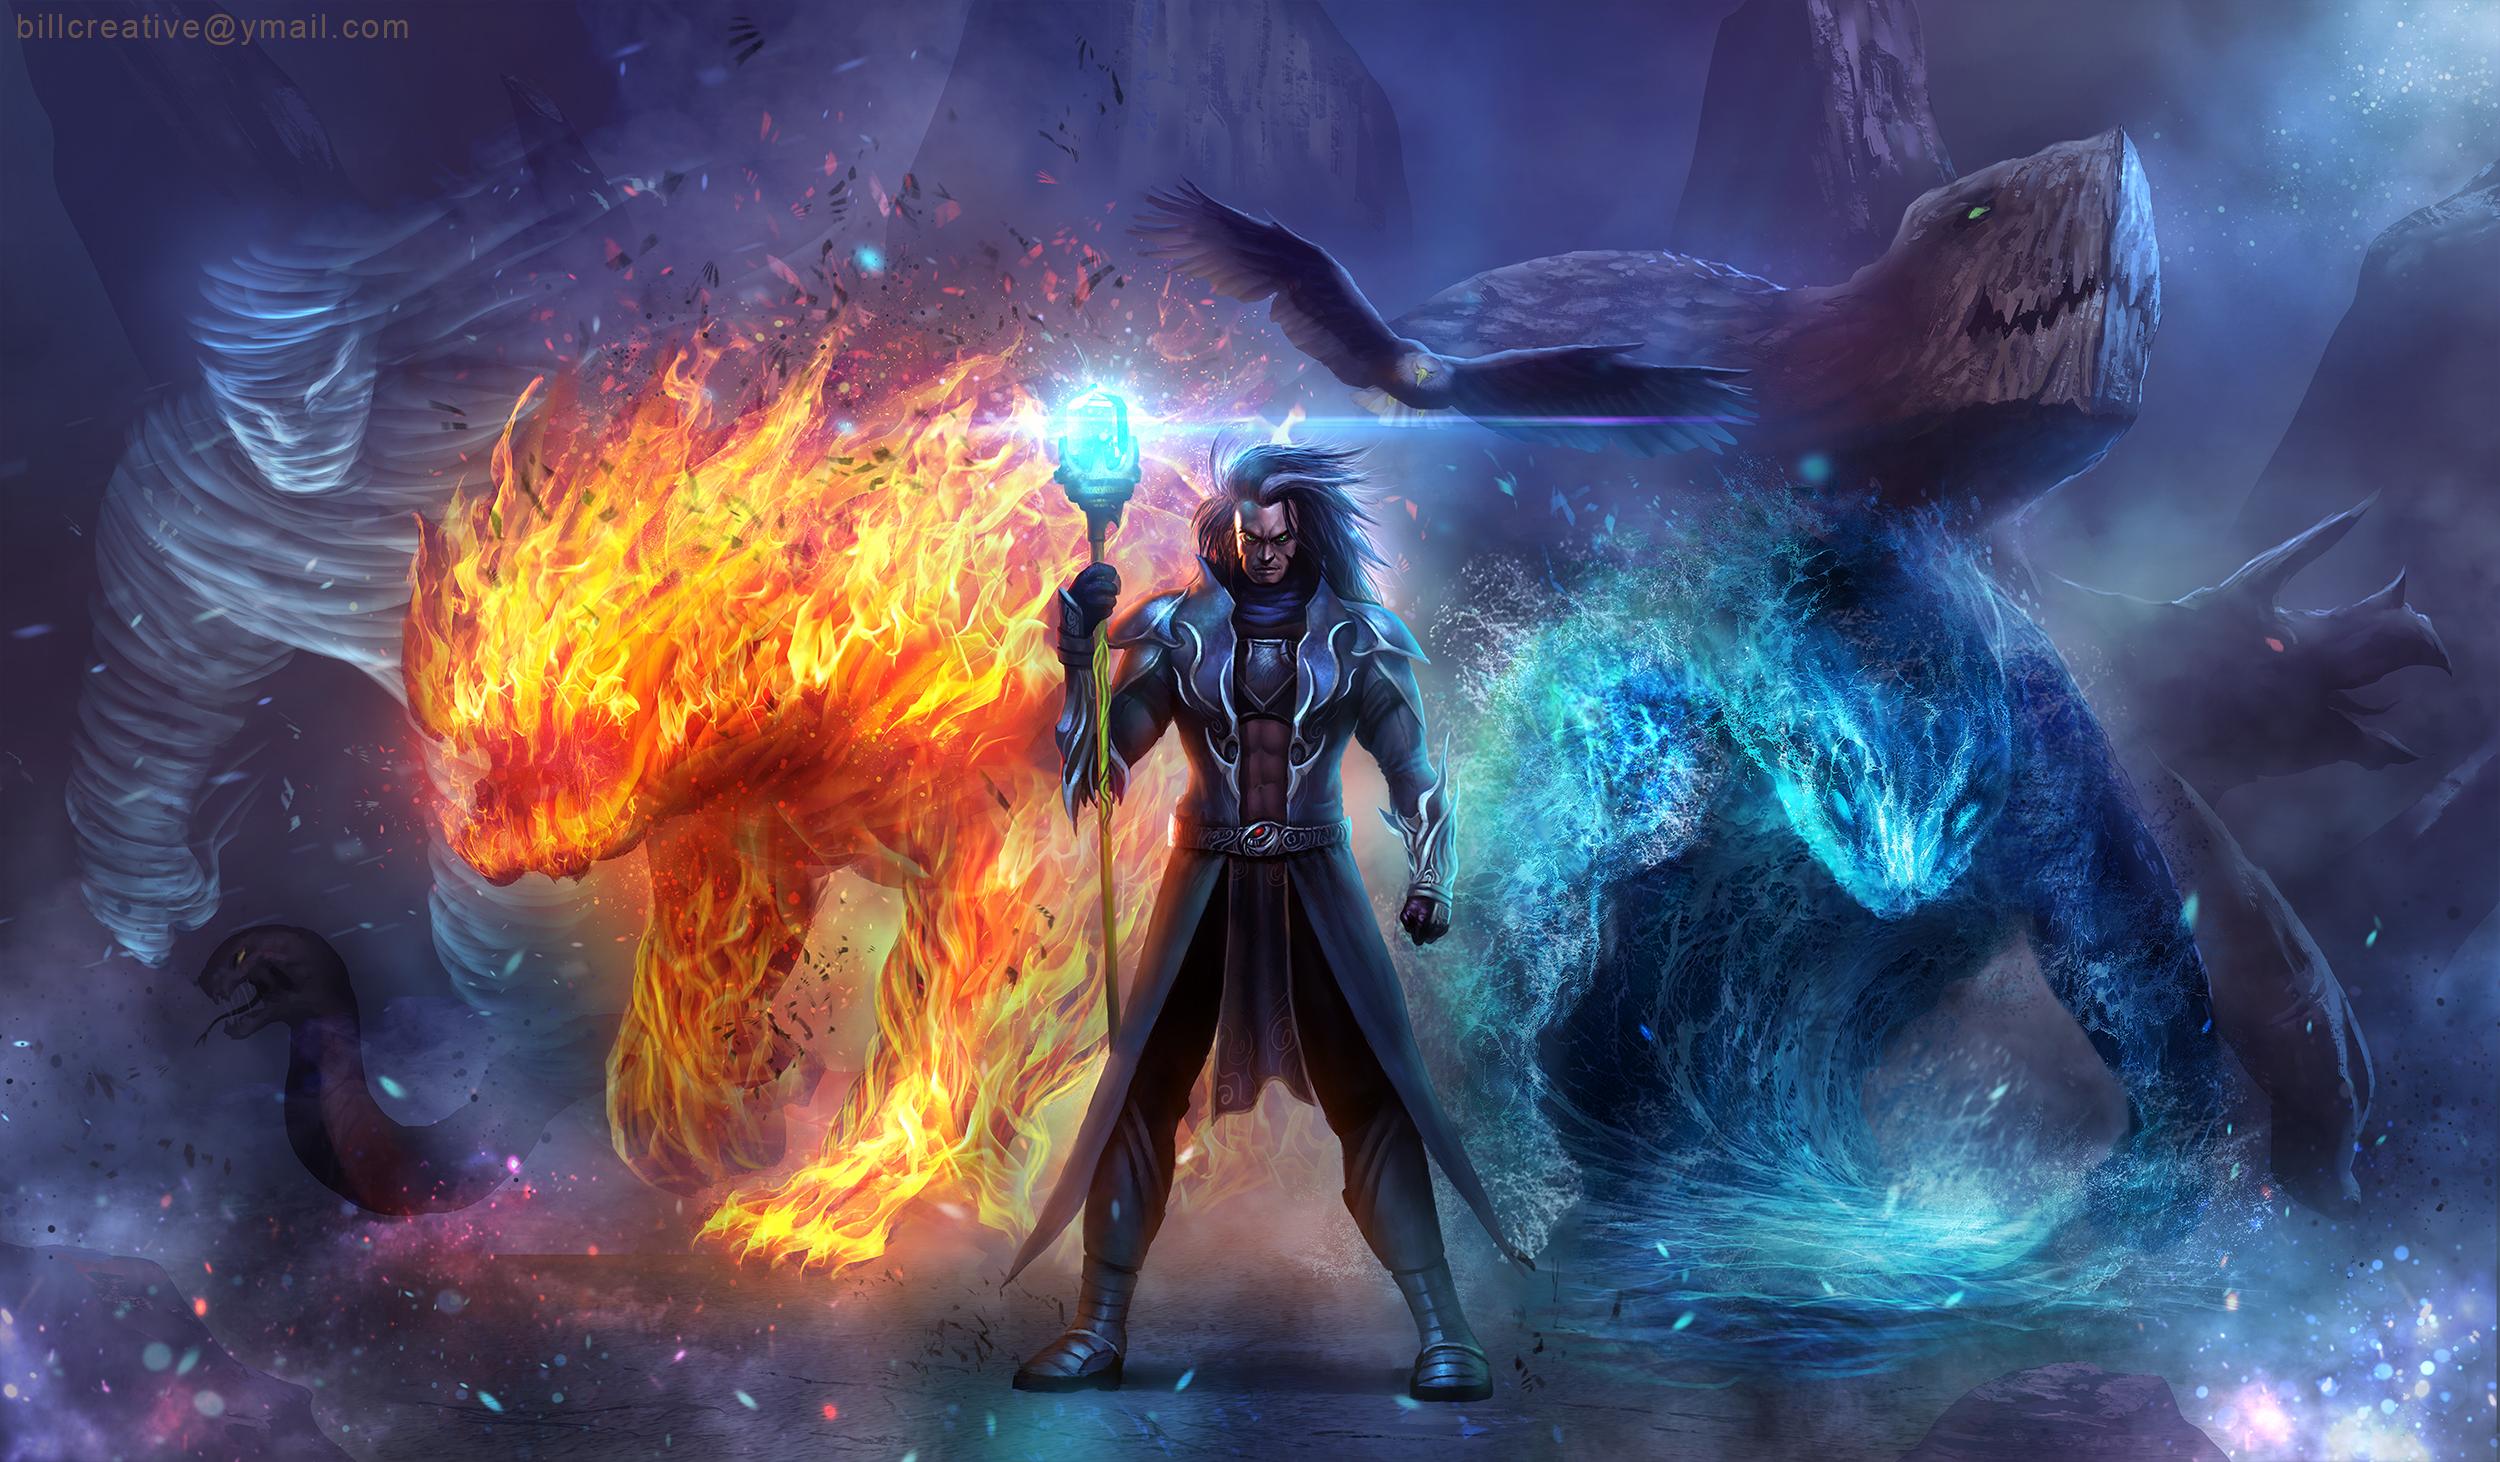 Creature Elemental Magic Wizard 2500x1462